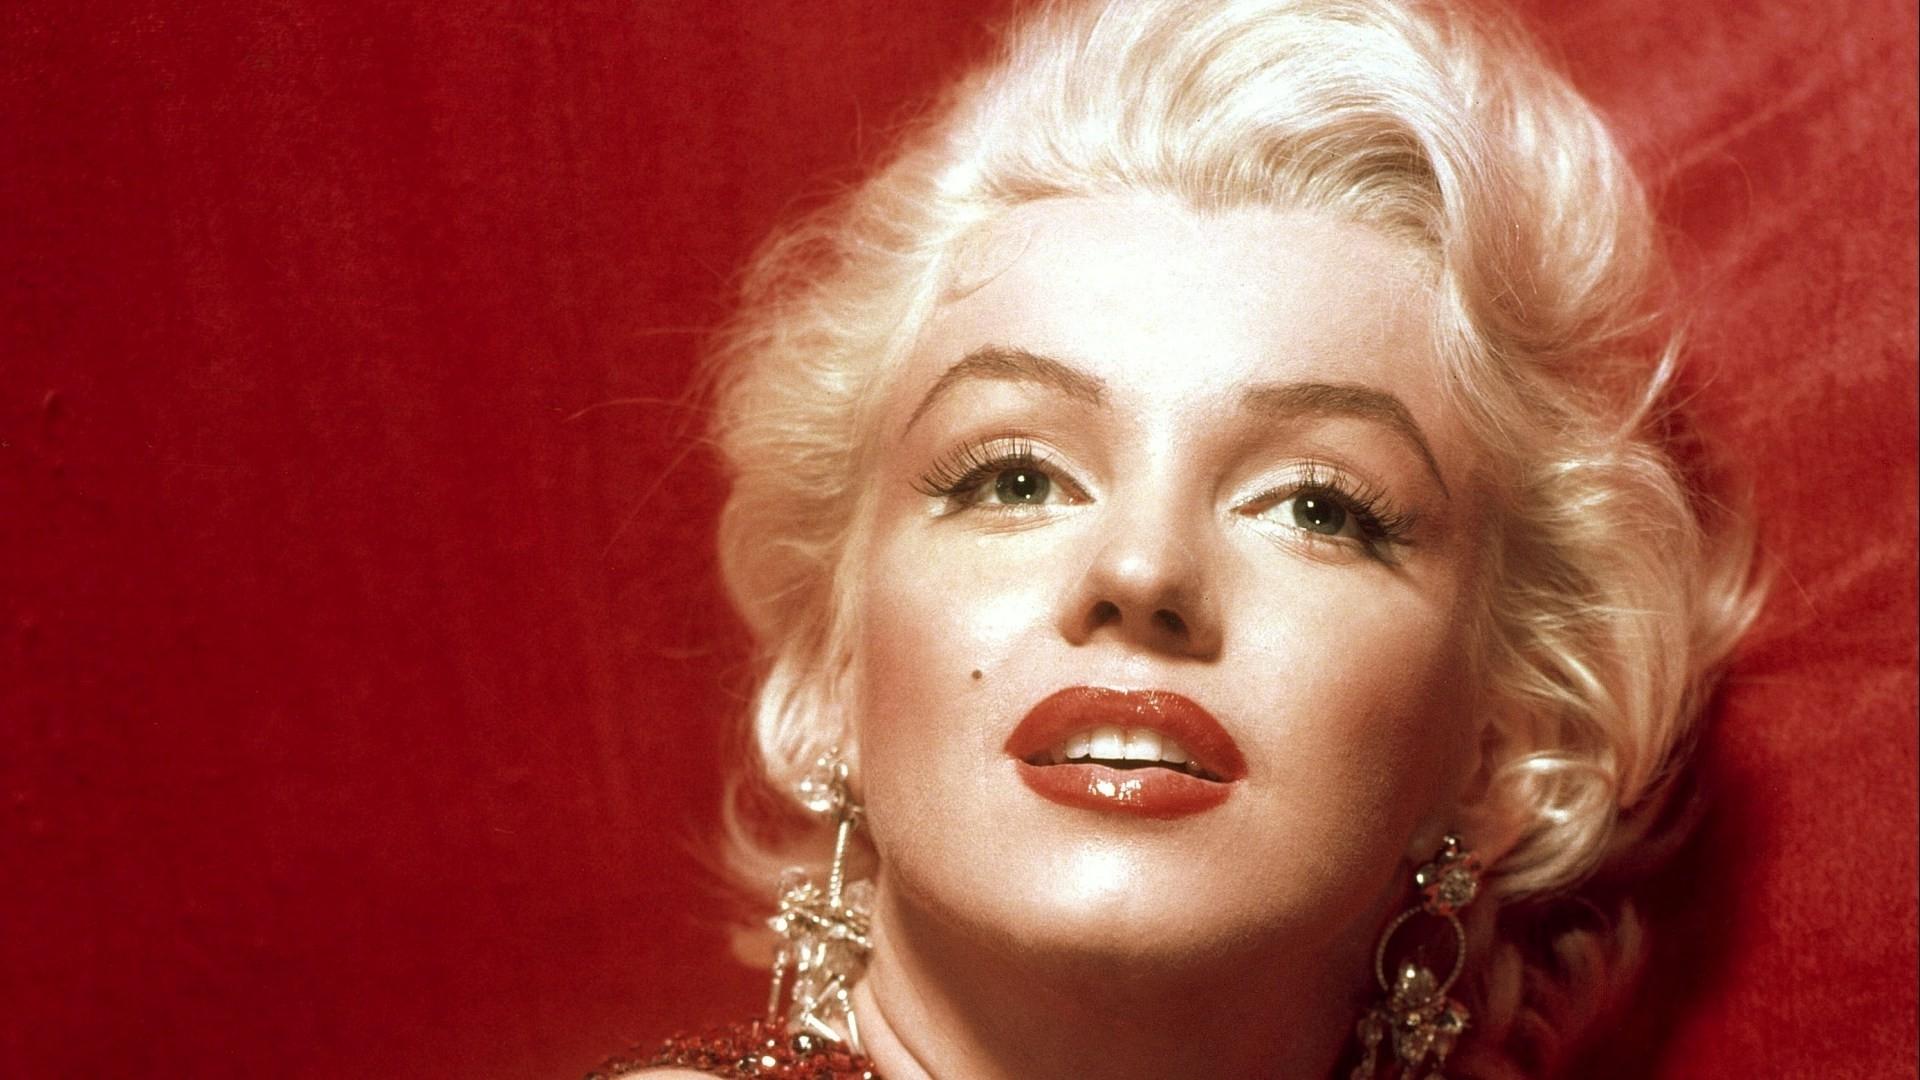 Free marilyn monroe wallpapers wallpapersafari - Marilyn monroe wallpaper download ...